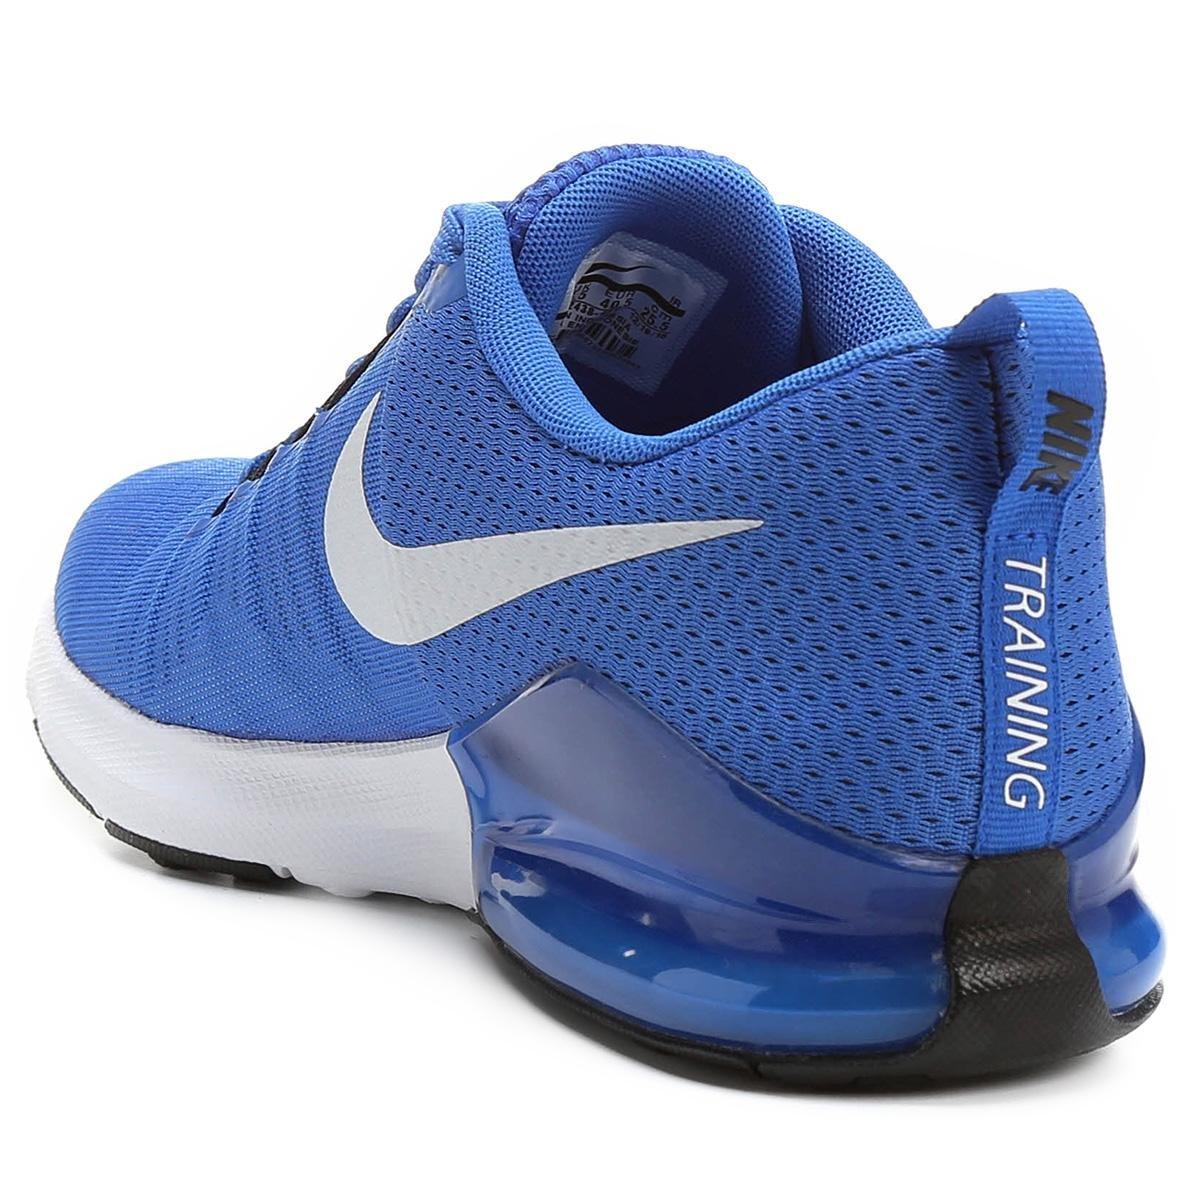 ffb25202db Tênis Nike Zoom Train Action Masculino | Livelo -Sua Vida com Mais  Recompensas